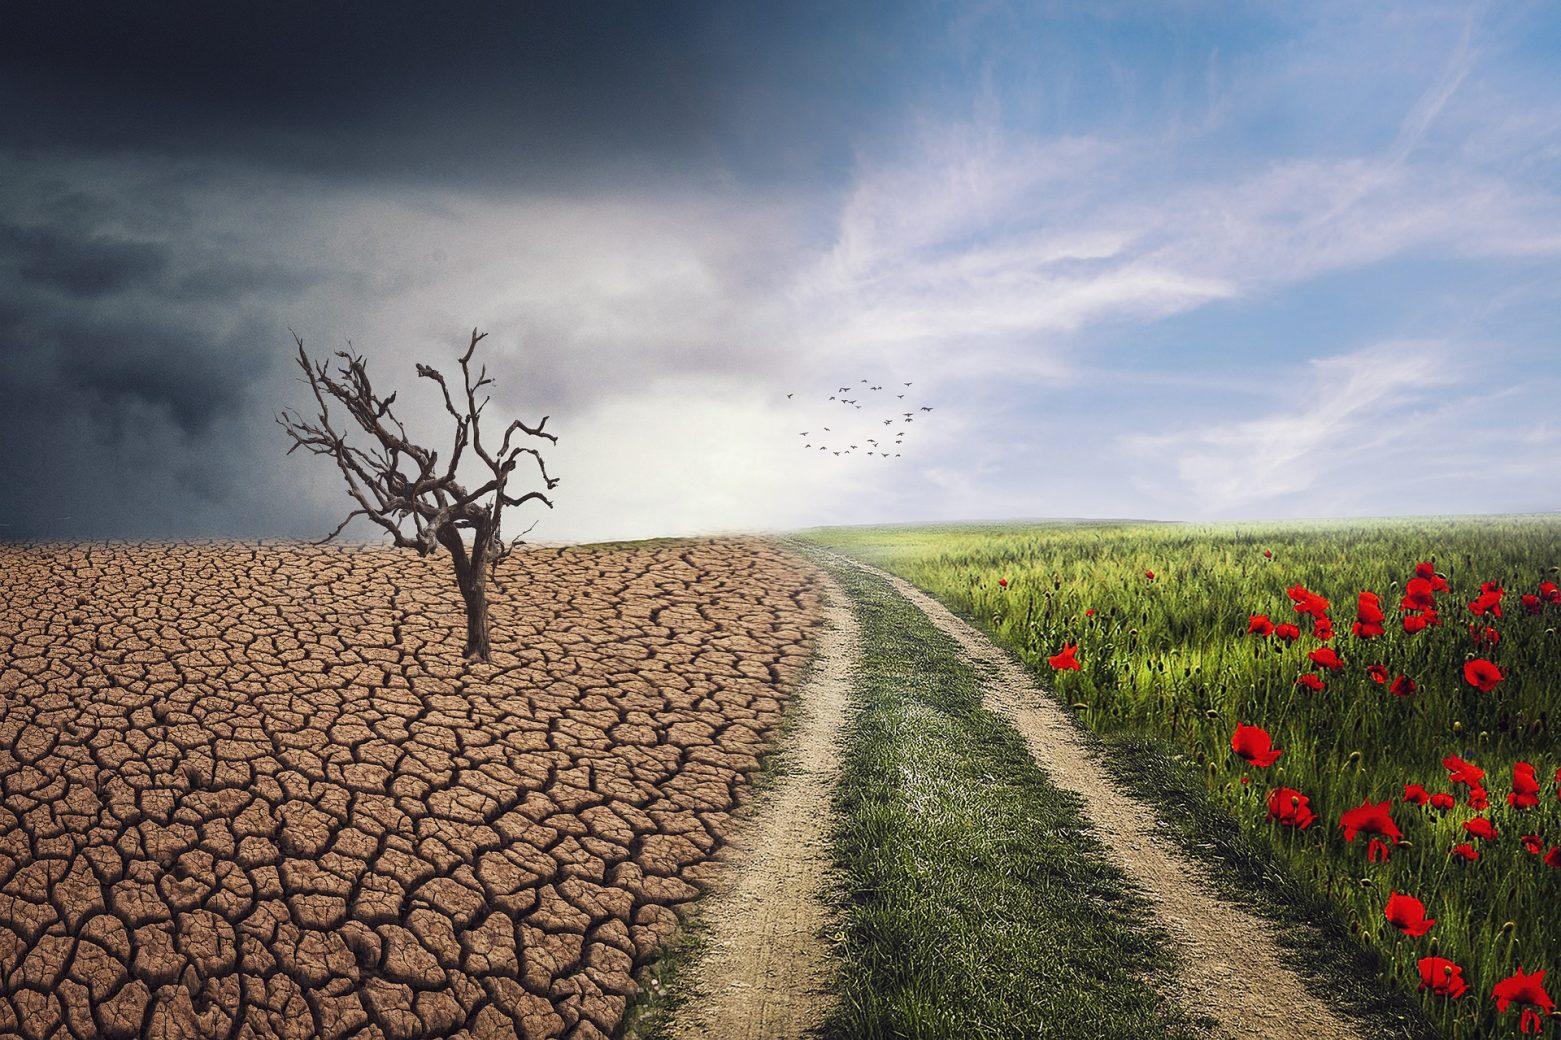 Paysage changement landscape 4684217 1920 - Avez-vous peur d'apporter des changements dans votre vie ?